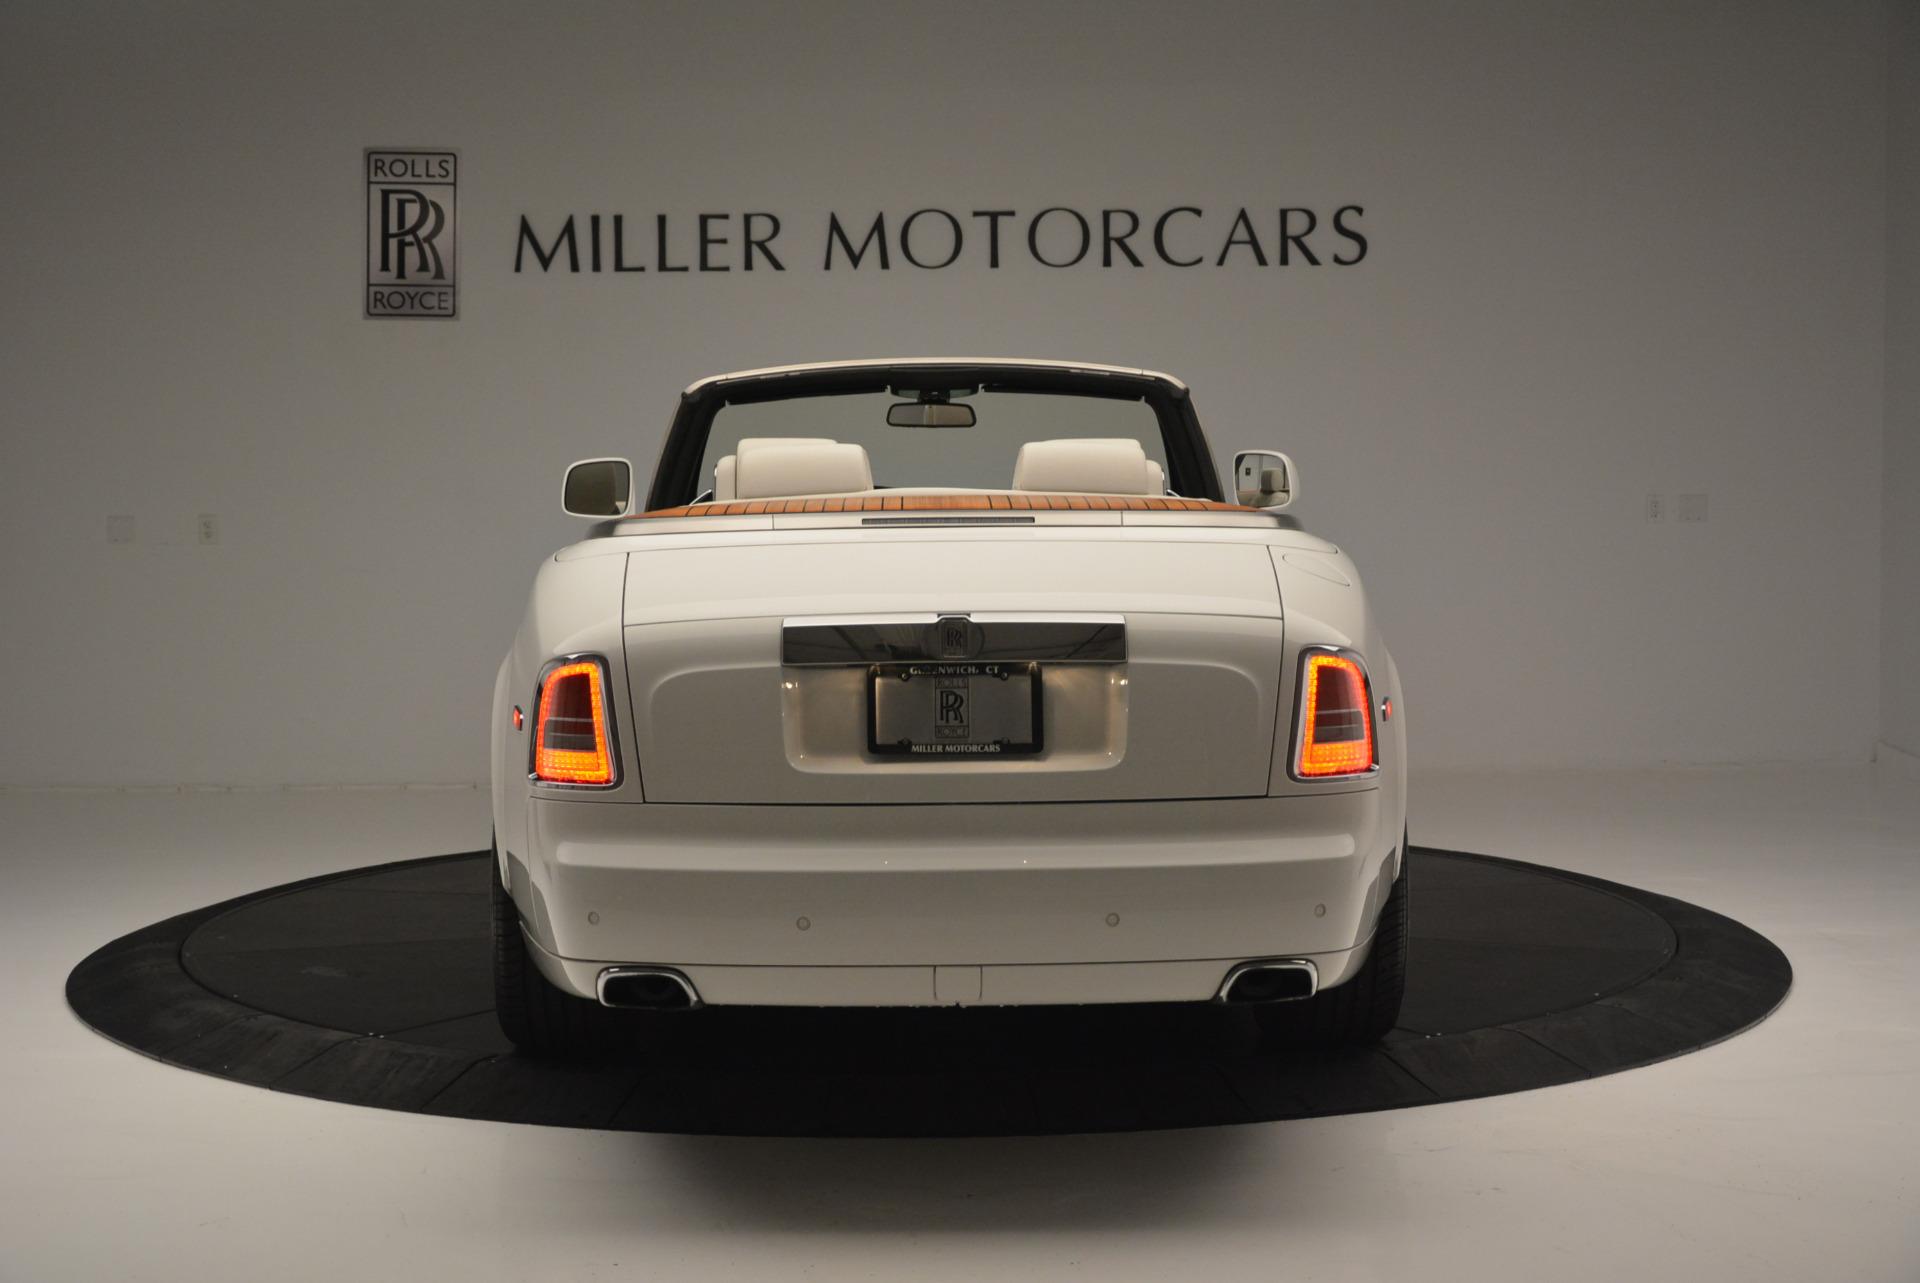 Used 2013 Rolls-Royce Phantom Drophead Coupe  For Sale In Westport, CT 2444_p4